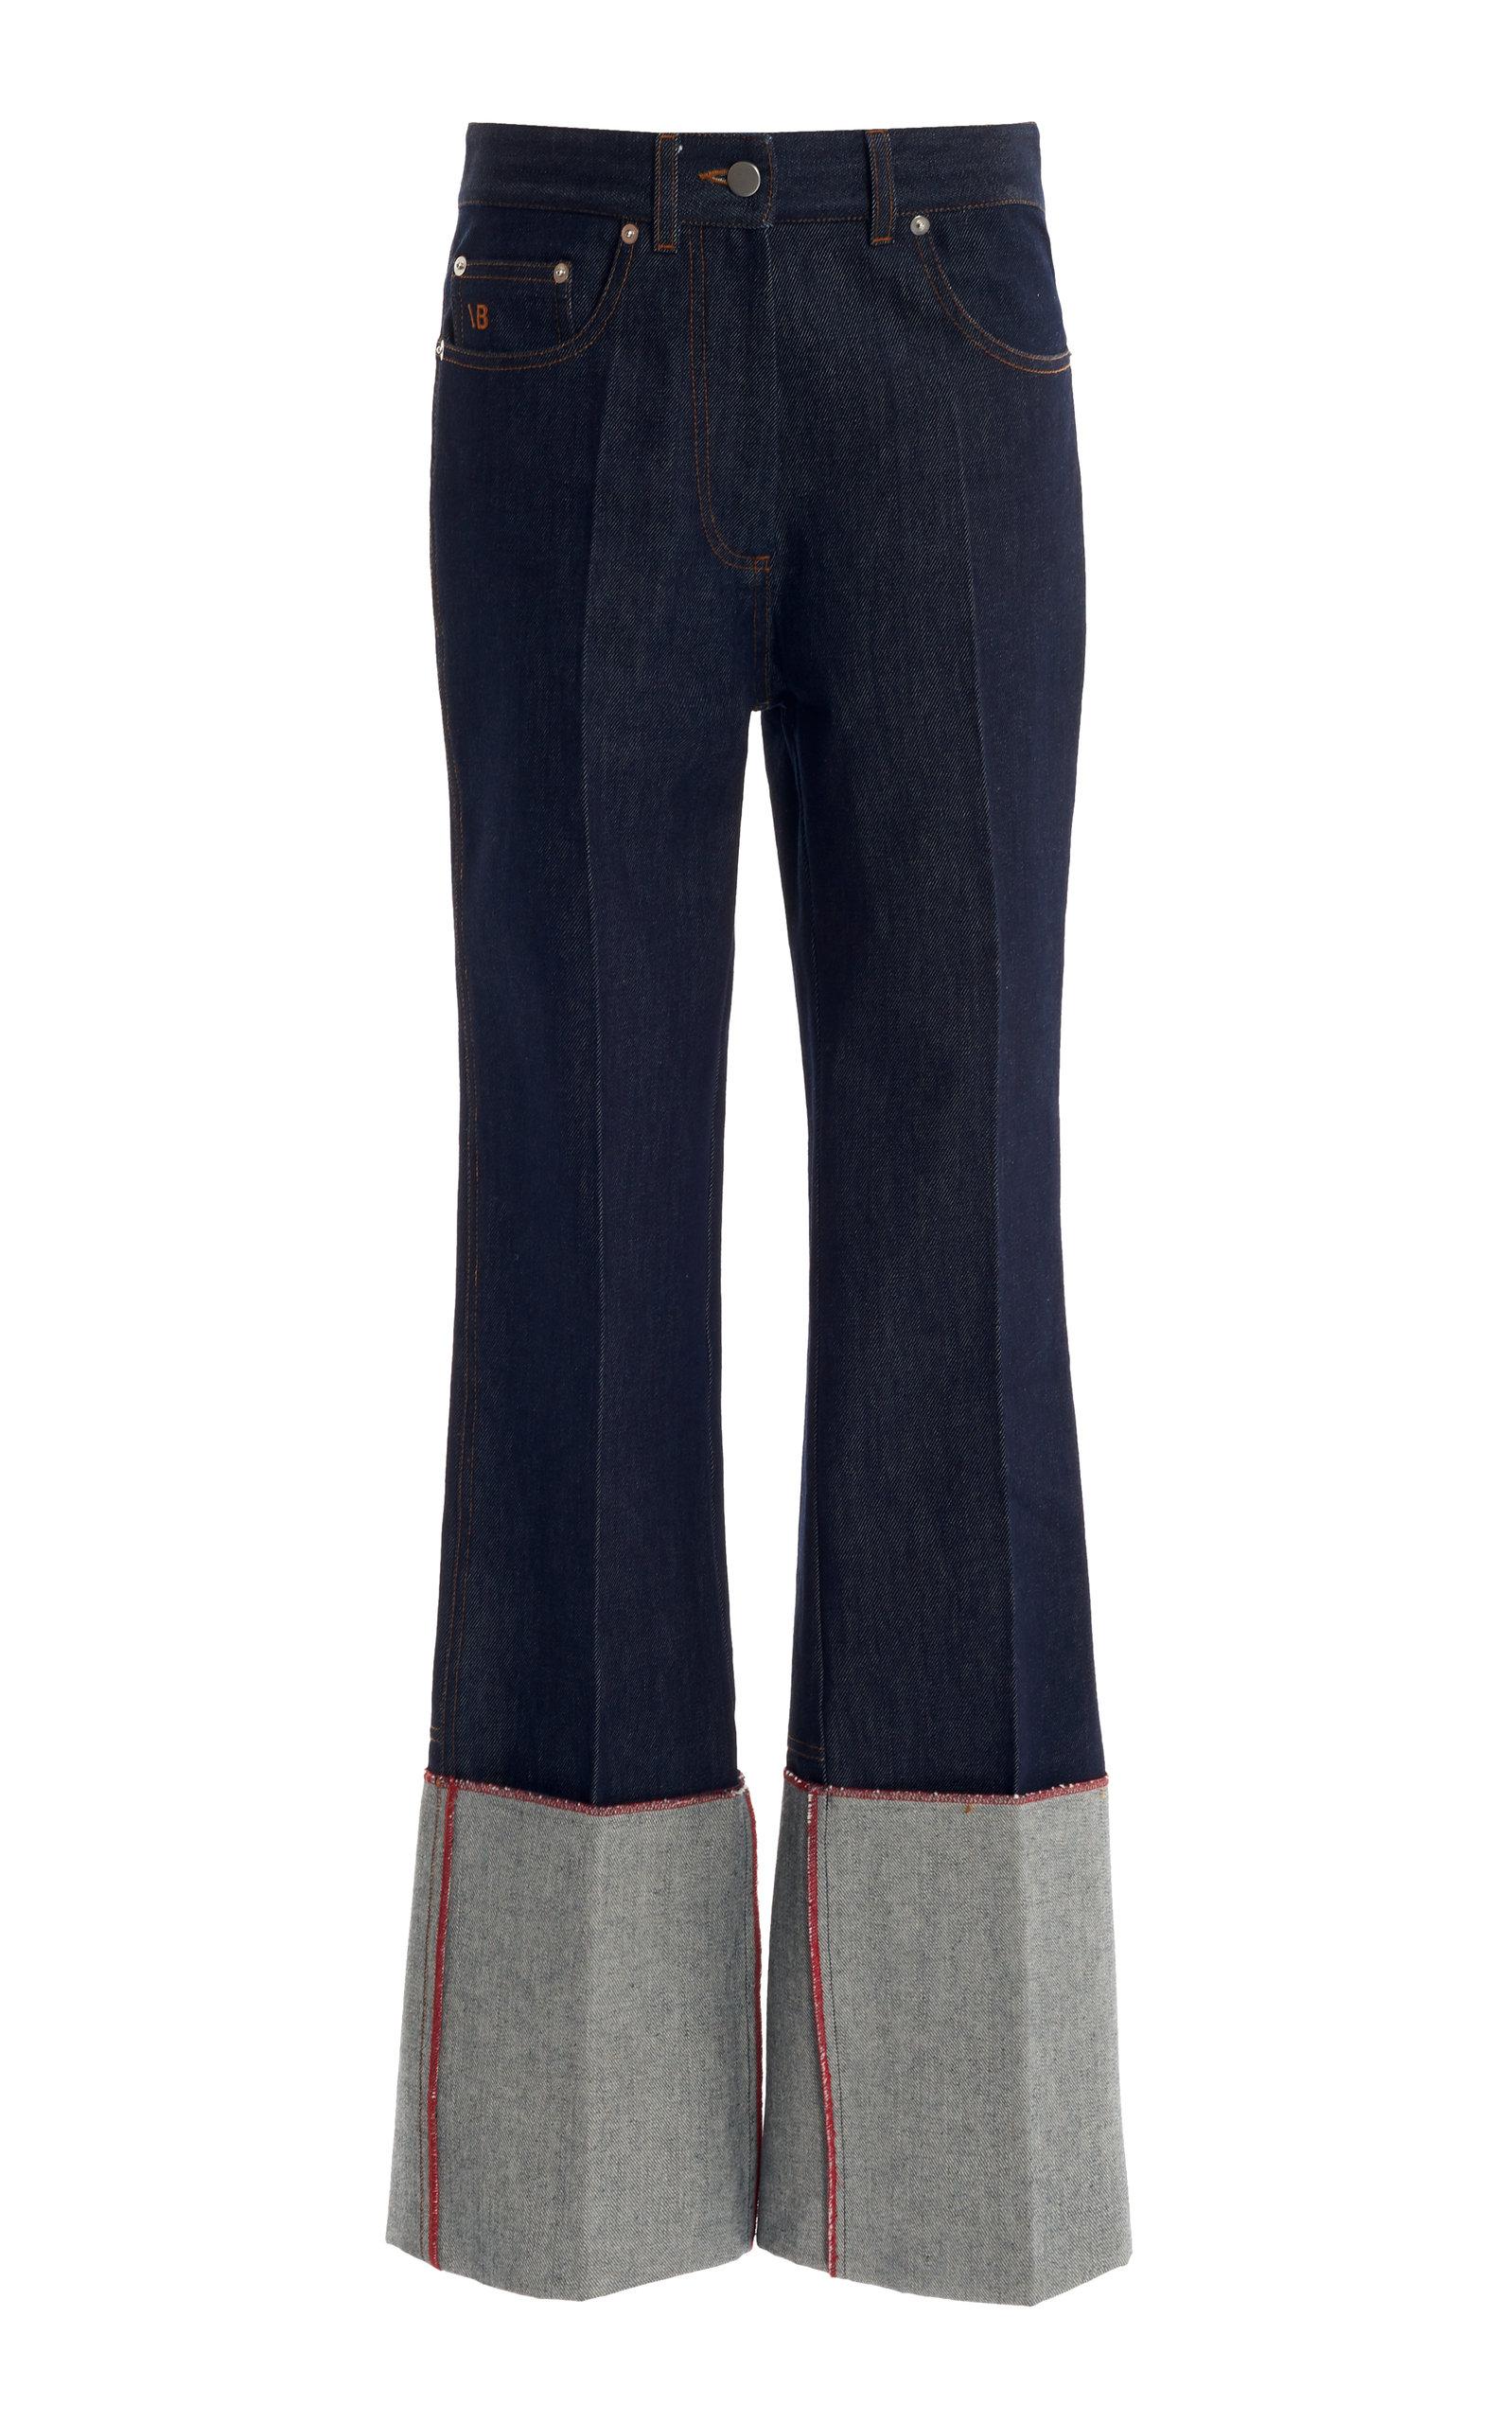 Victoria Beckham Vintage-inspired Straight-leg Jeans In Medium Wash